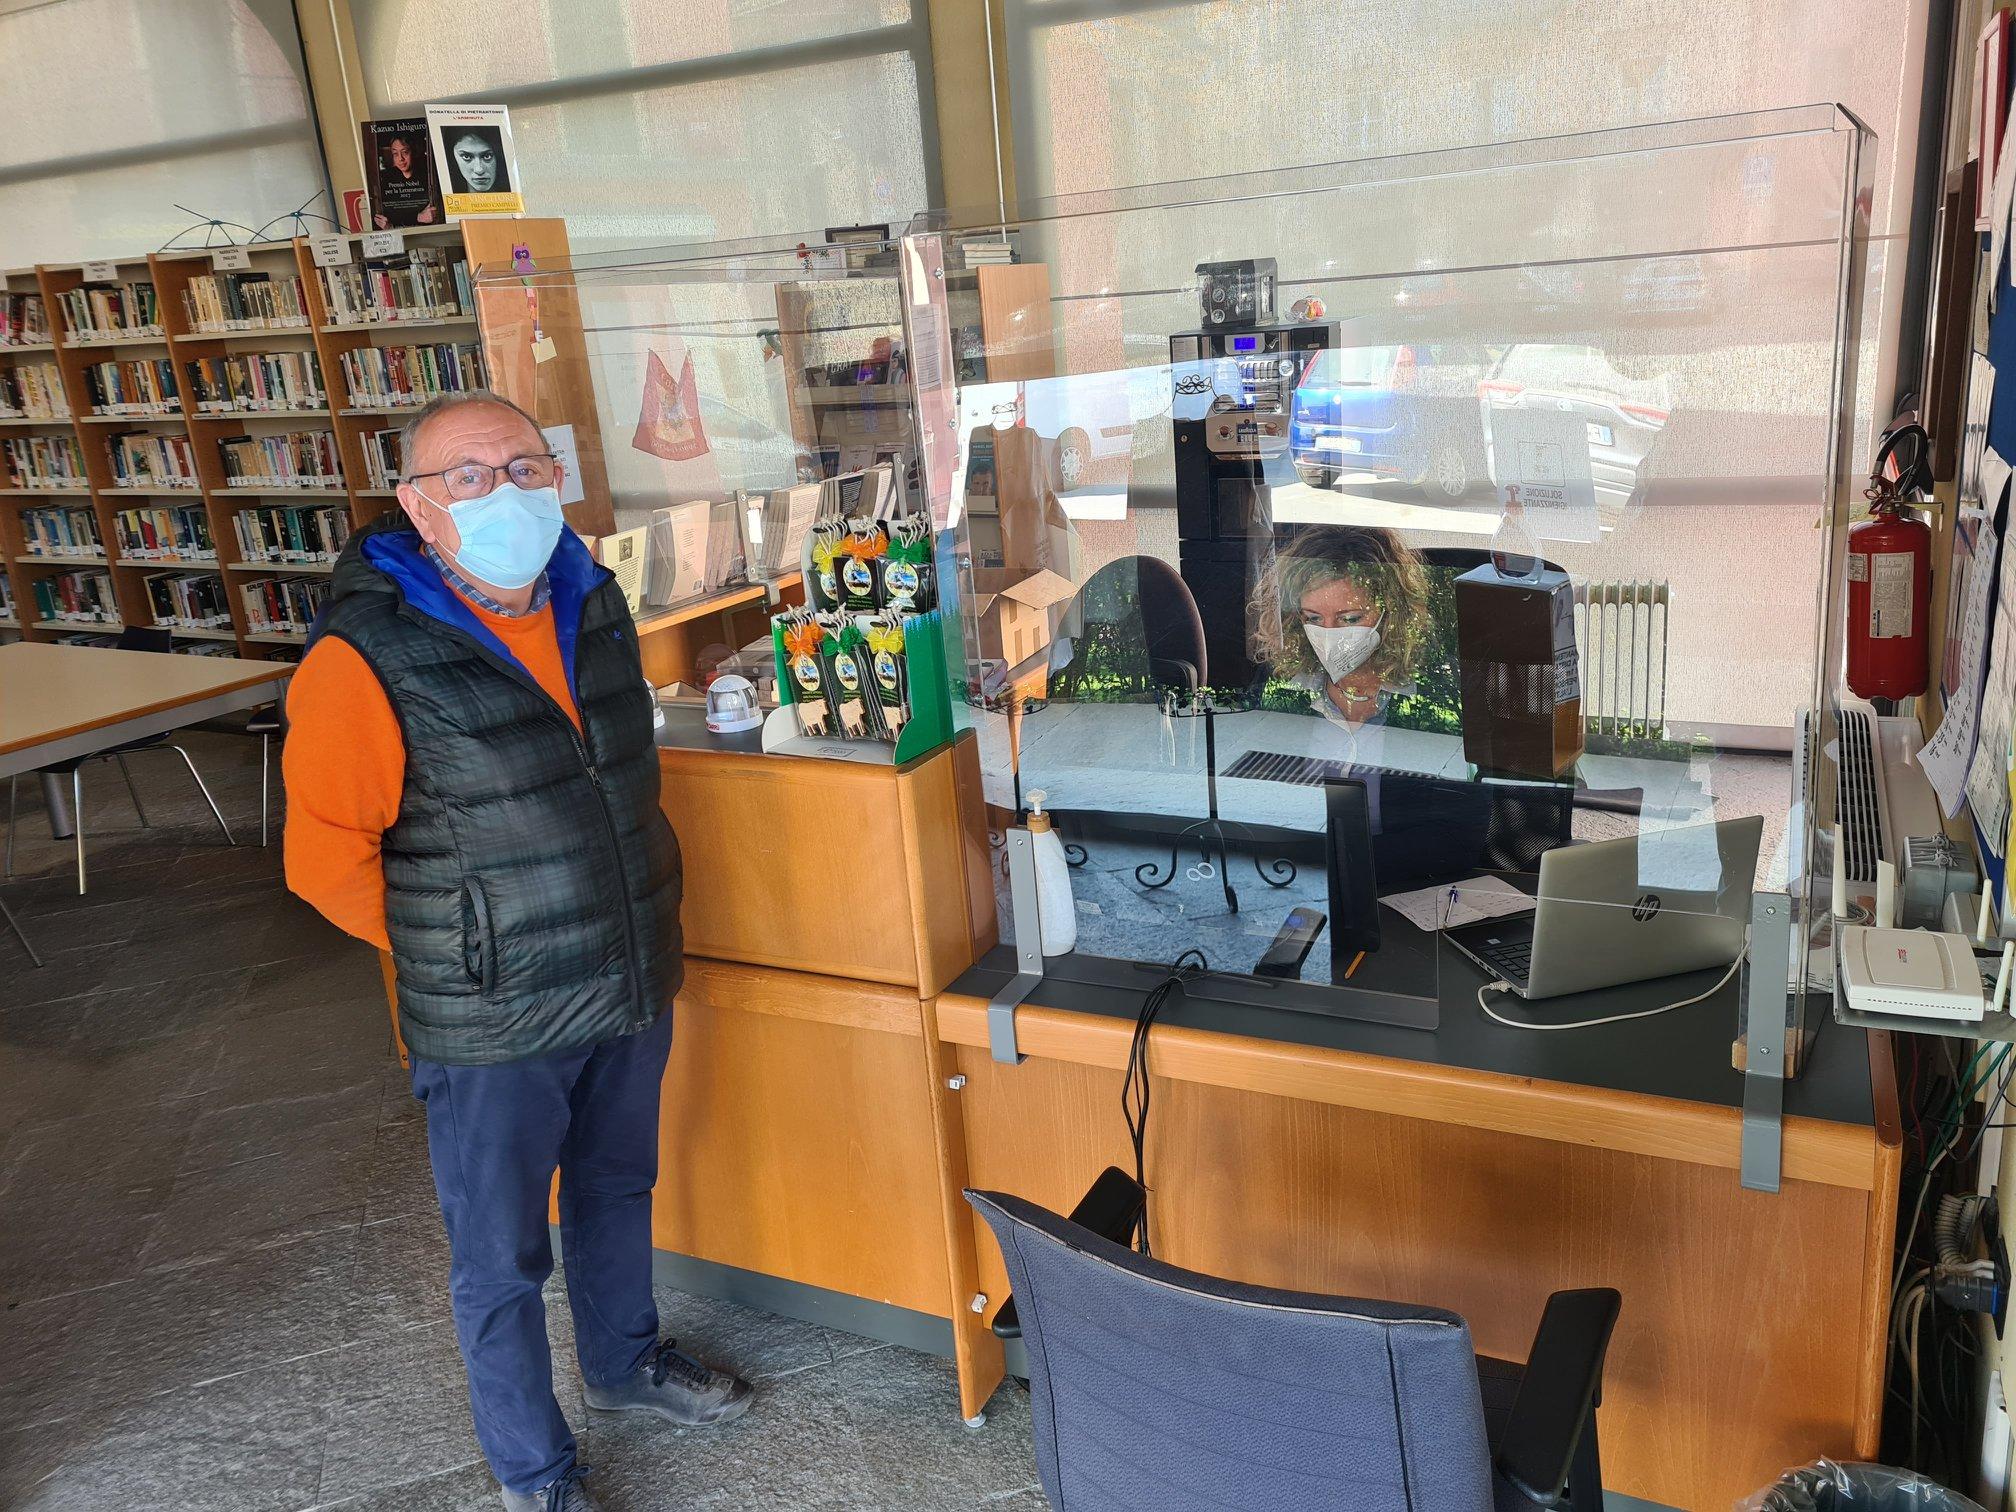 Servizio prenotazioni vaccino biblioteca Carrù